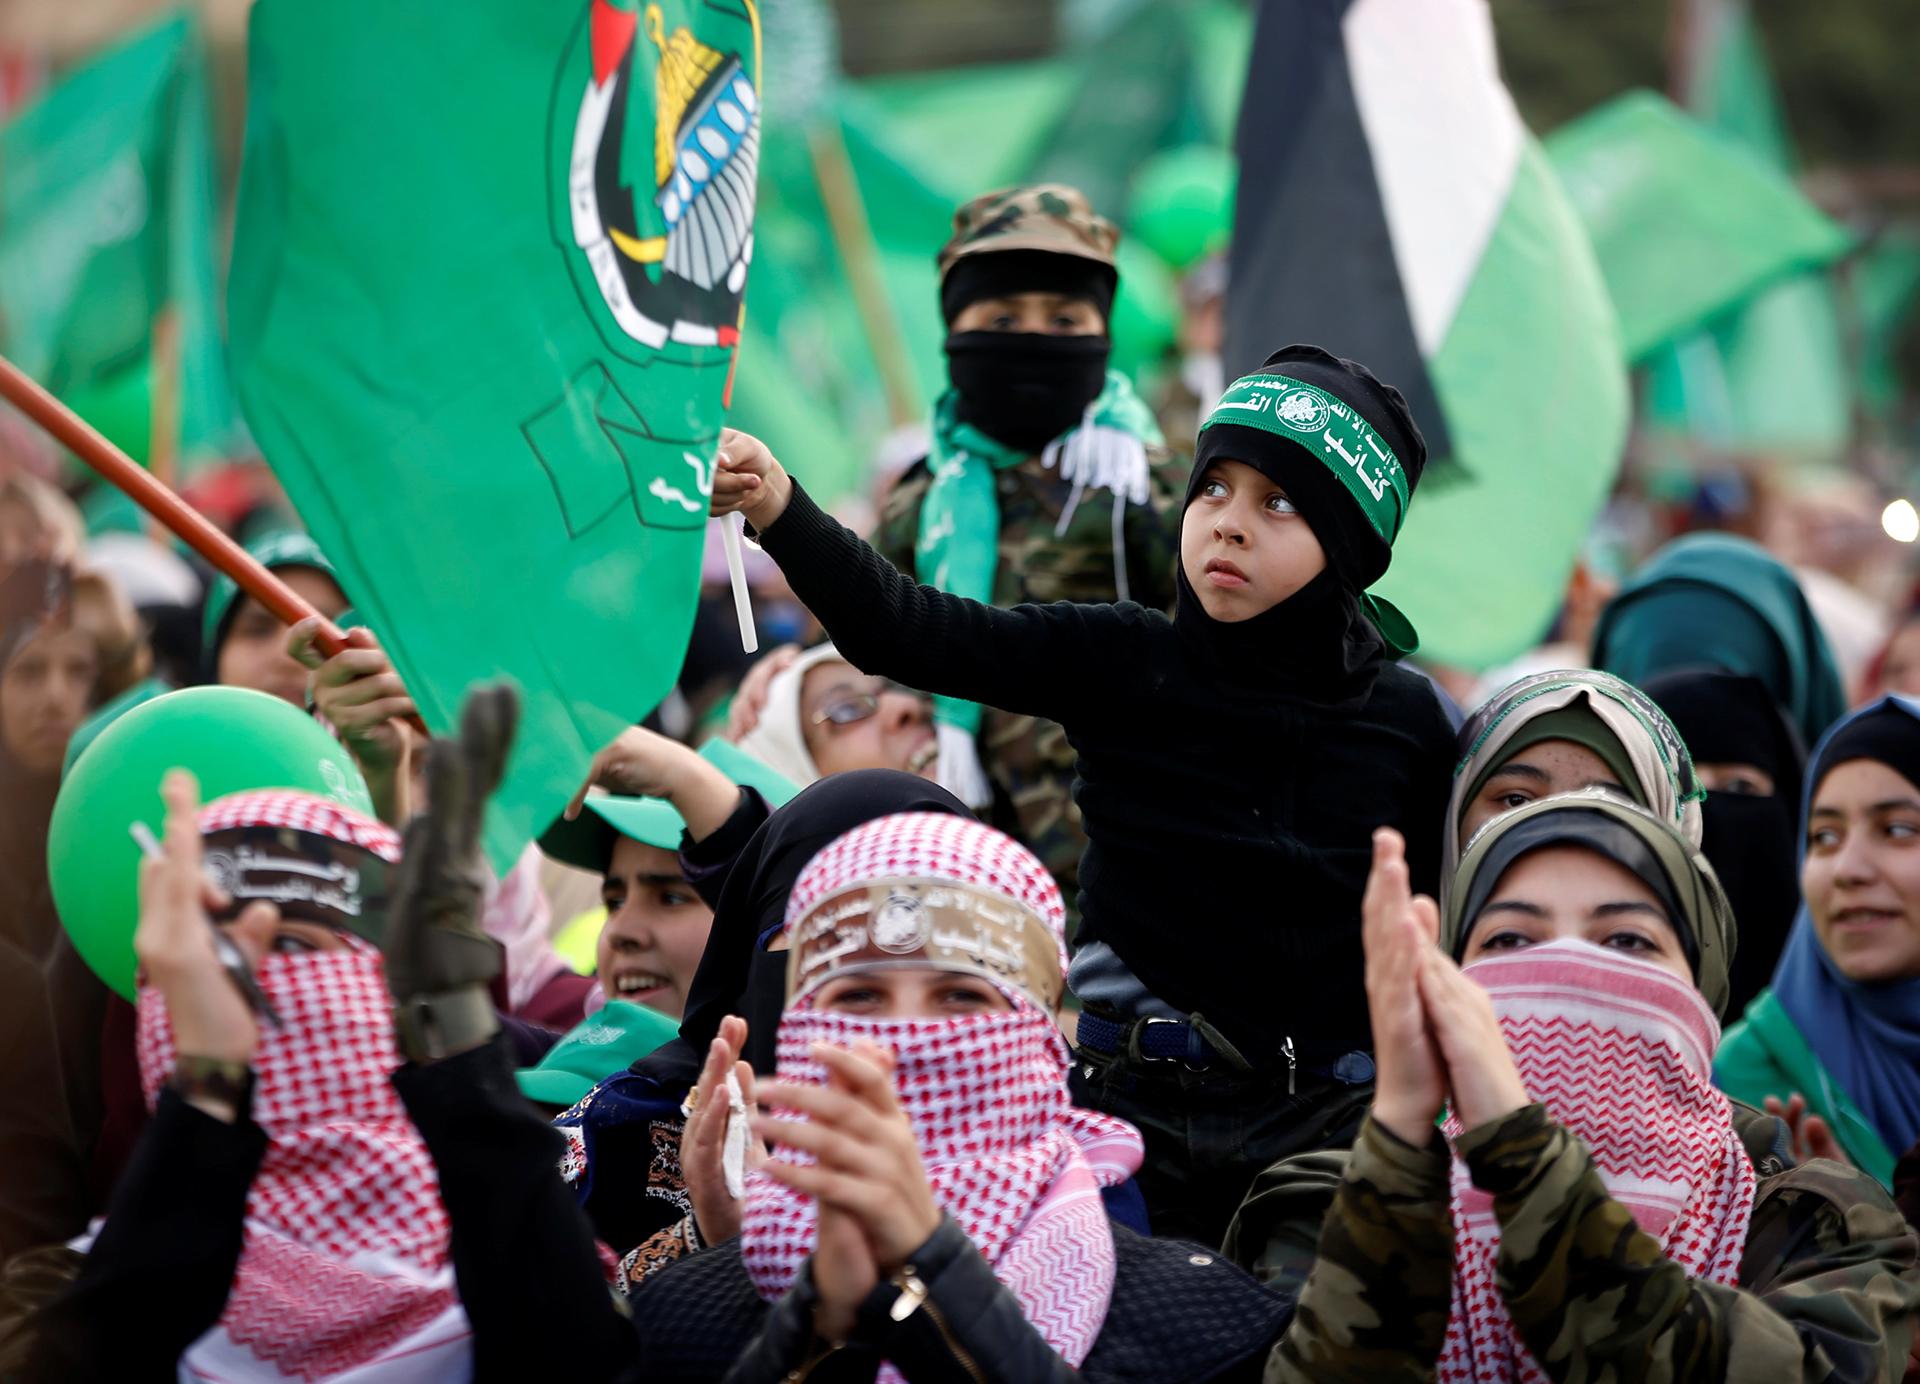 Es usual que Hamas traiga niños a sus eventos políticos (Reuters)